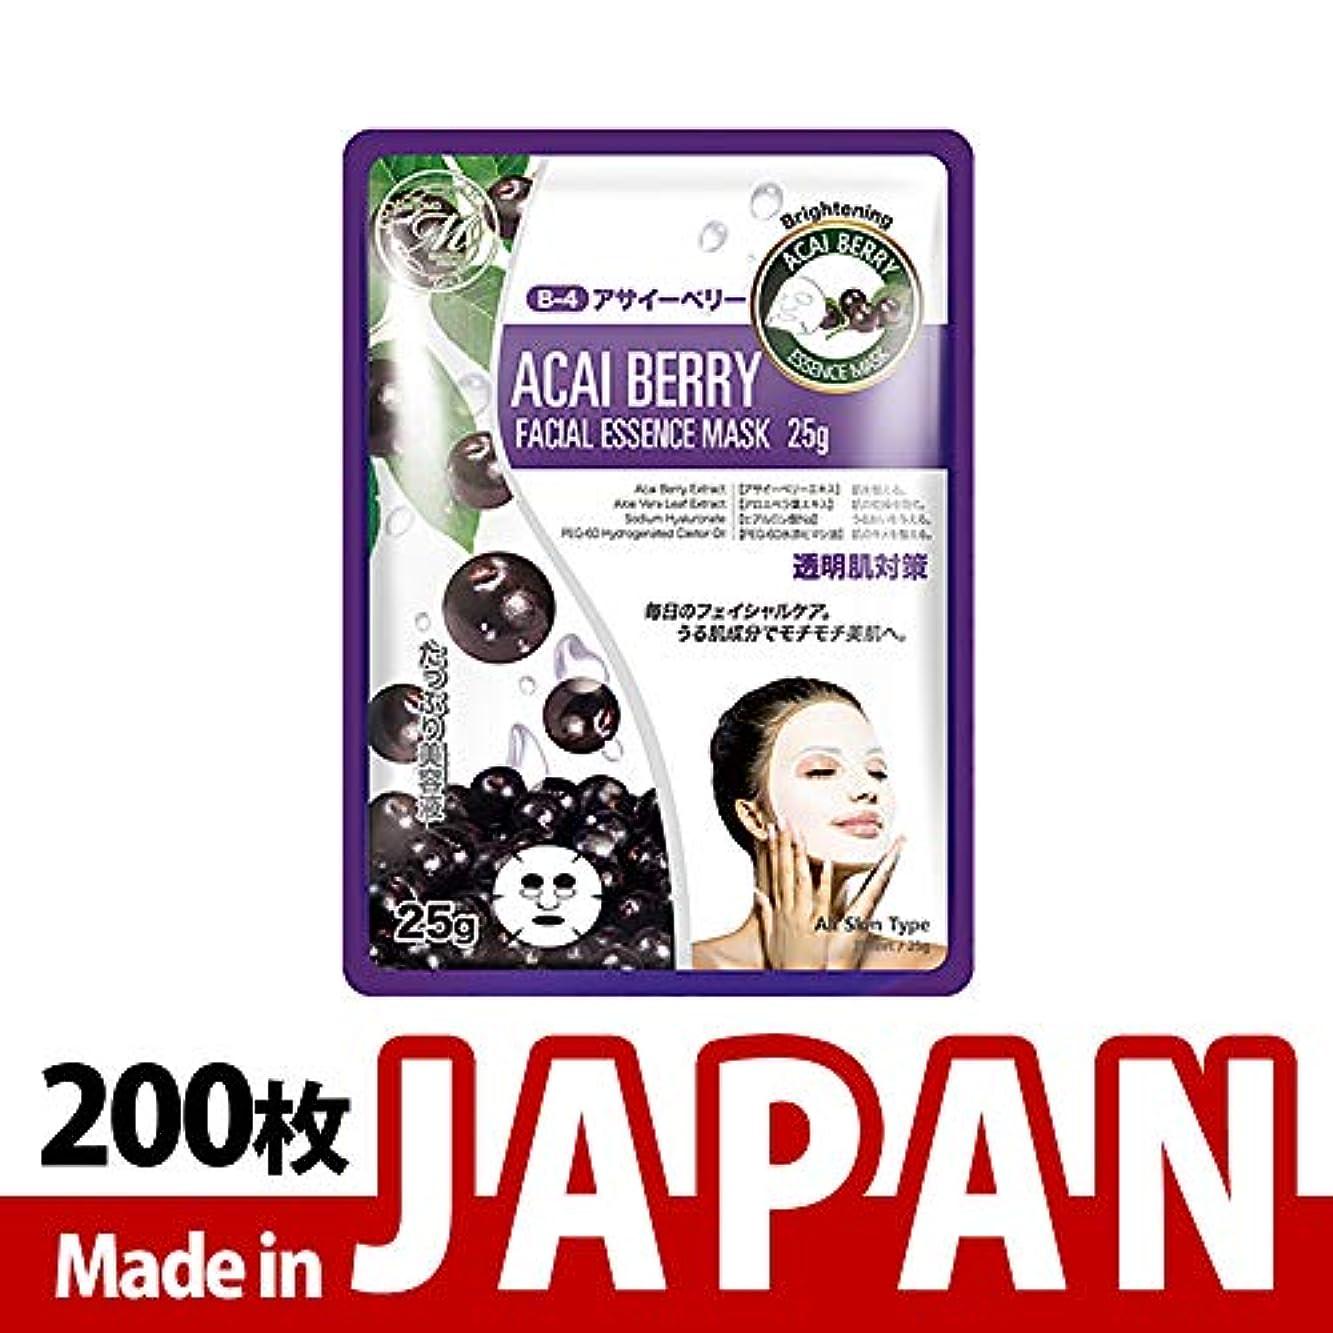 所有者見込み平らな【MT512-B-4】シートマスク/10枚入り/200枚/美容液/マスクパック/送料無料